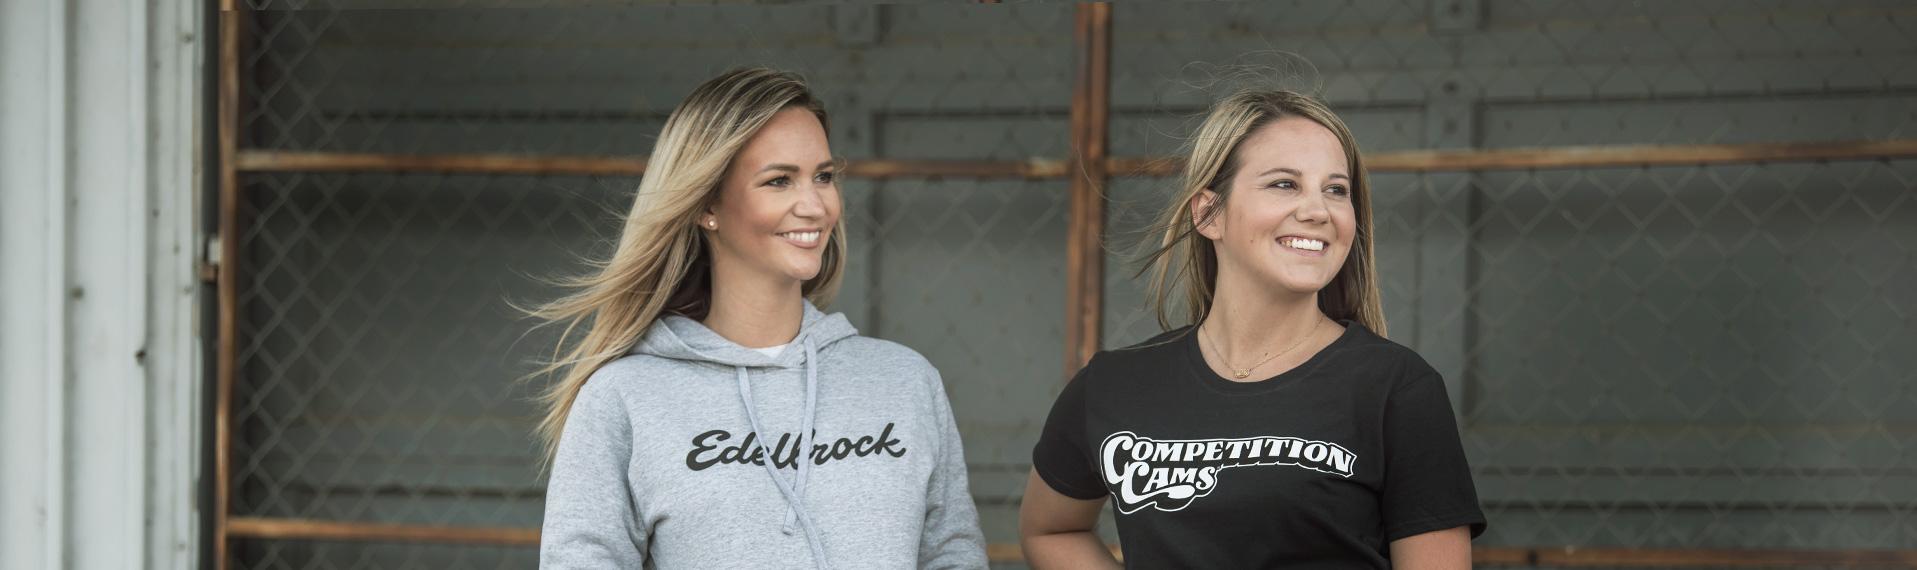 Edelbrock Apparel For Women